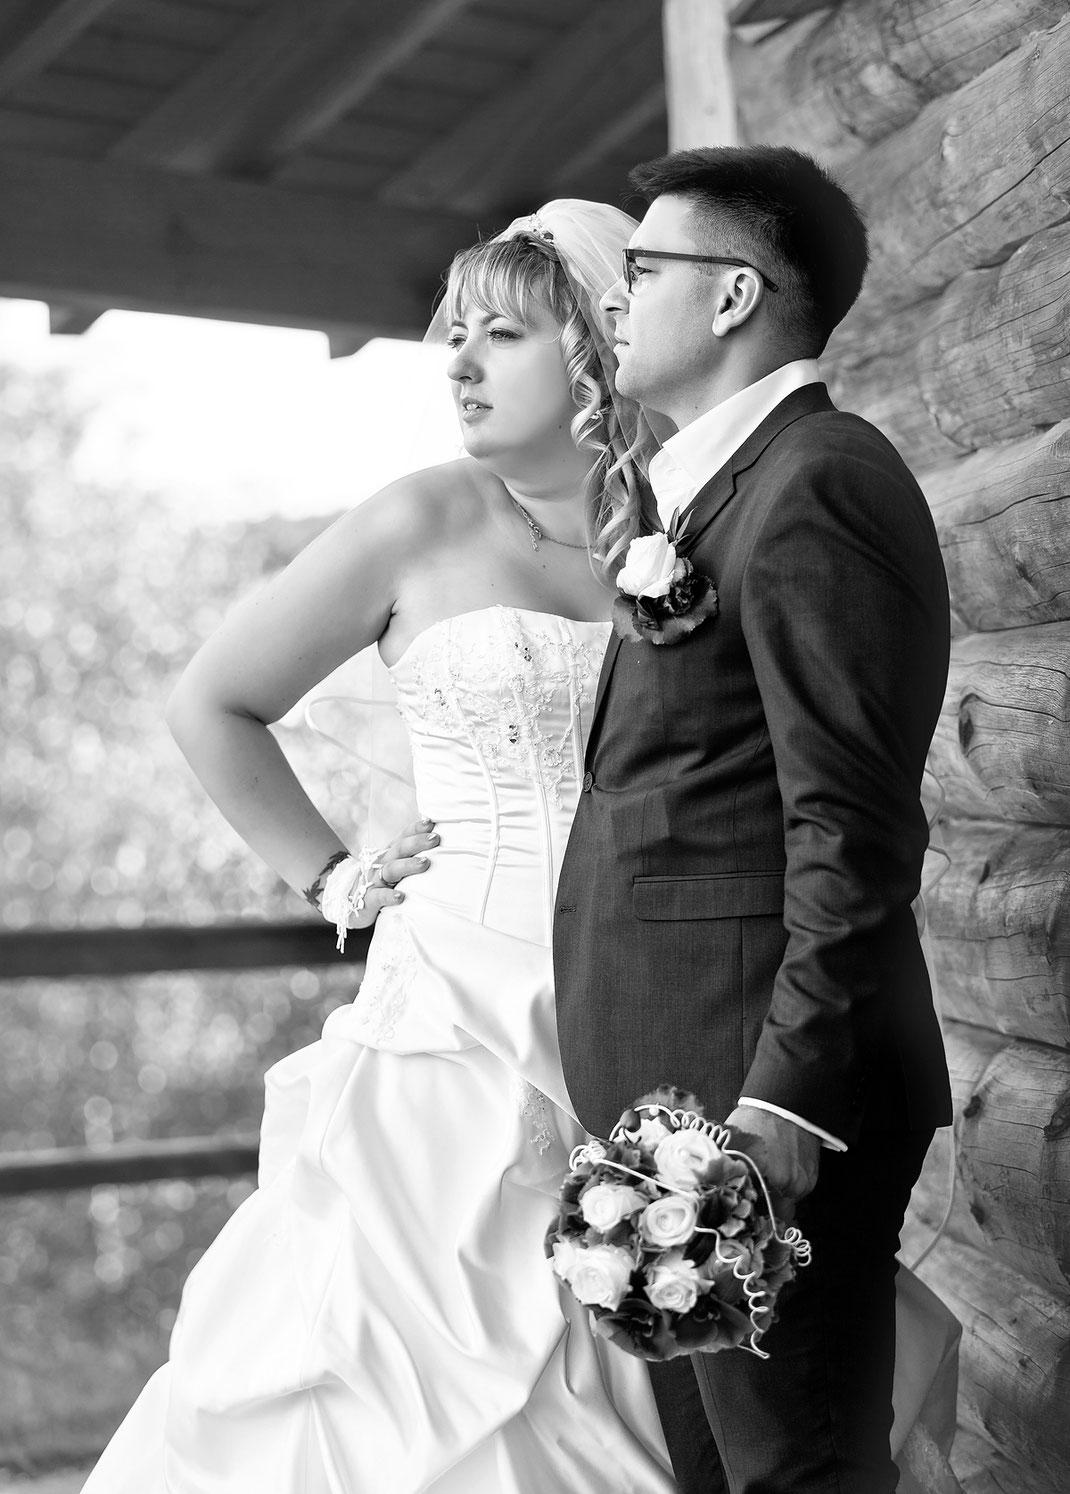 Hochzeit oberwiesenthal Hochzeitsfotograf Fotograf Fichtelberg oberwiesenthal Erzgebirge Sachsen